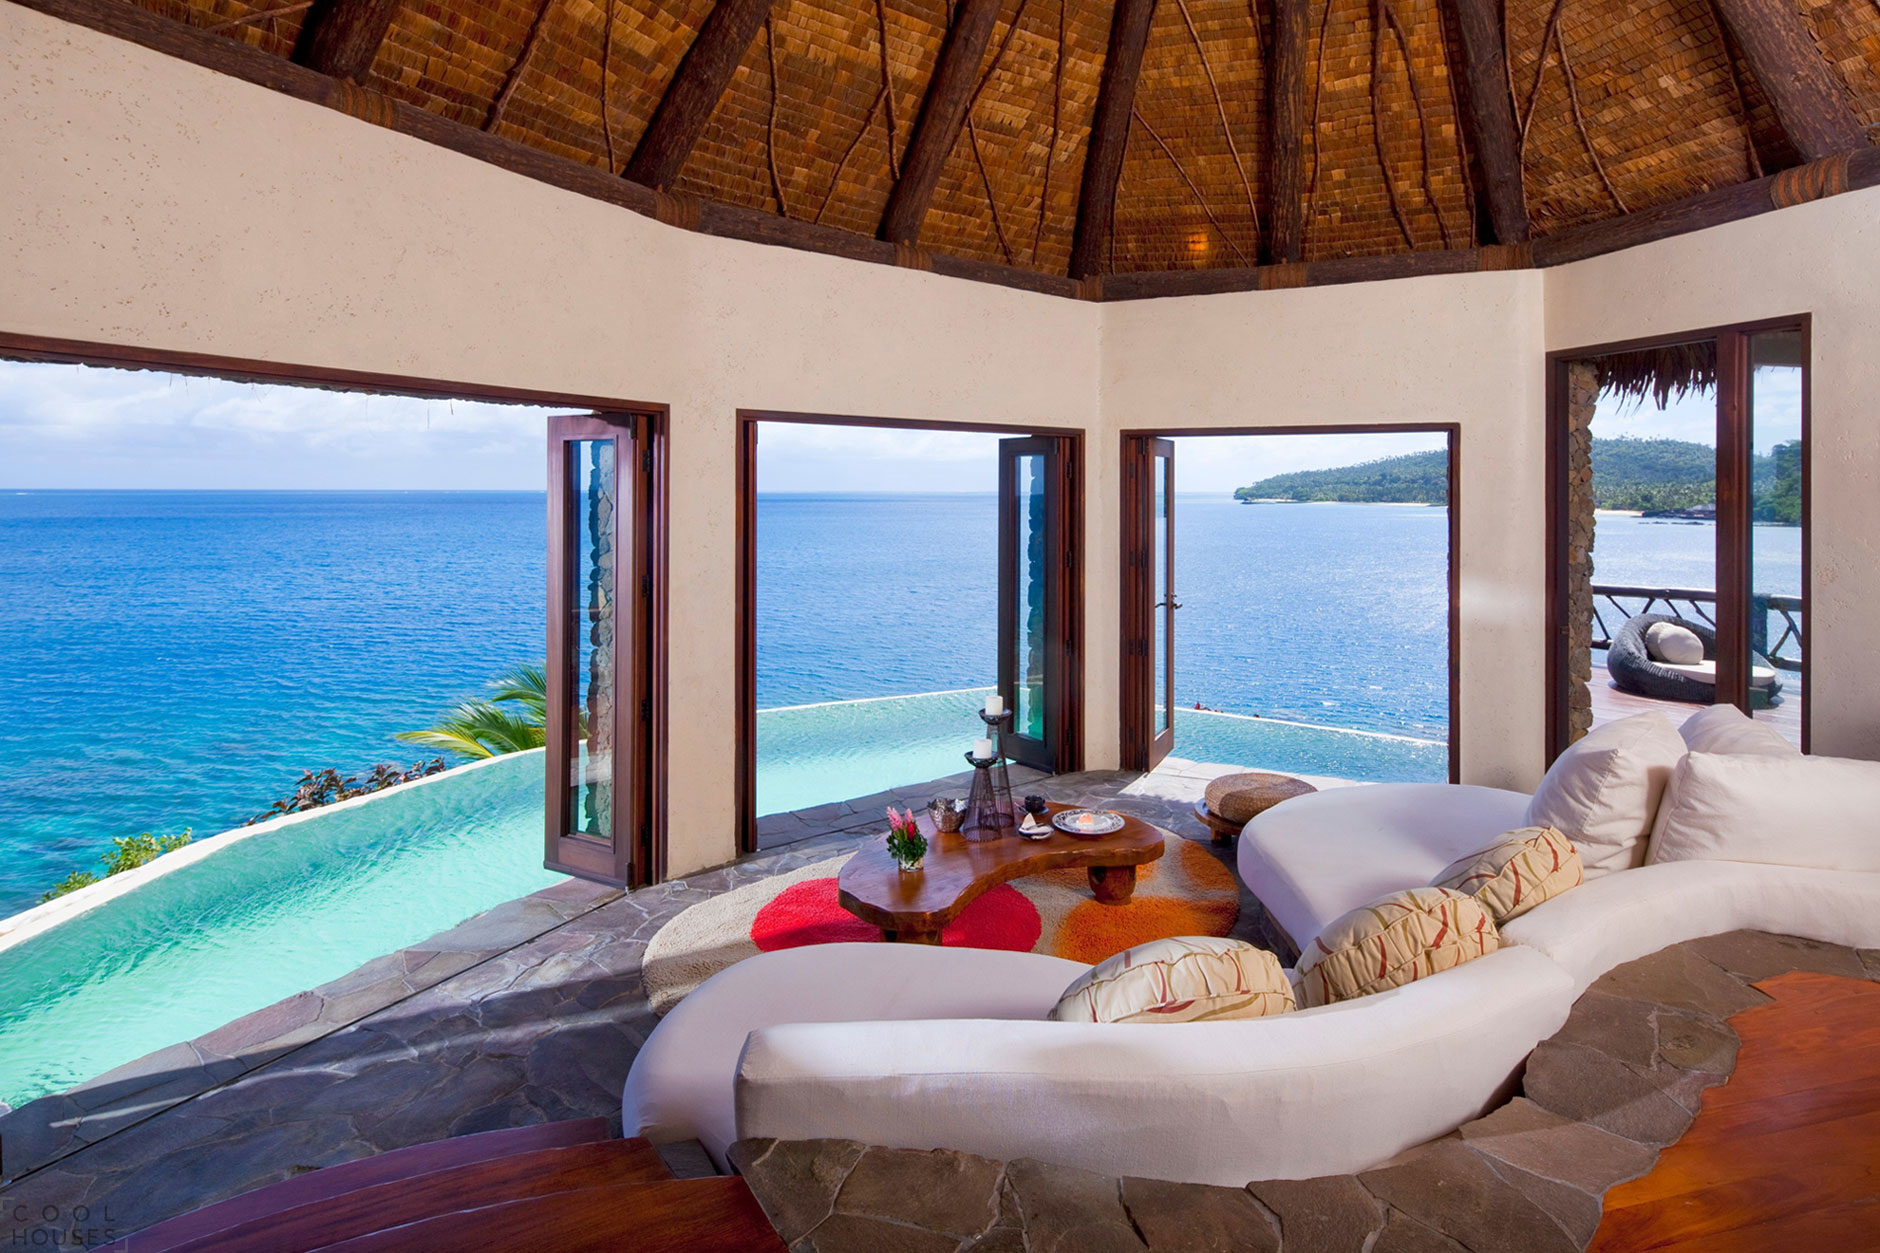 самые красивые отели мира внутри фото принадлежность золотой